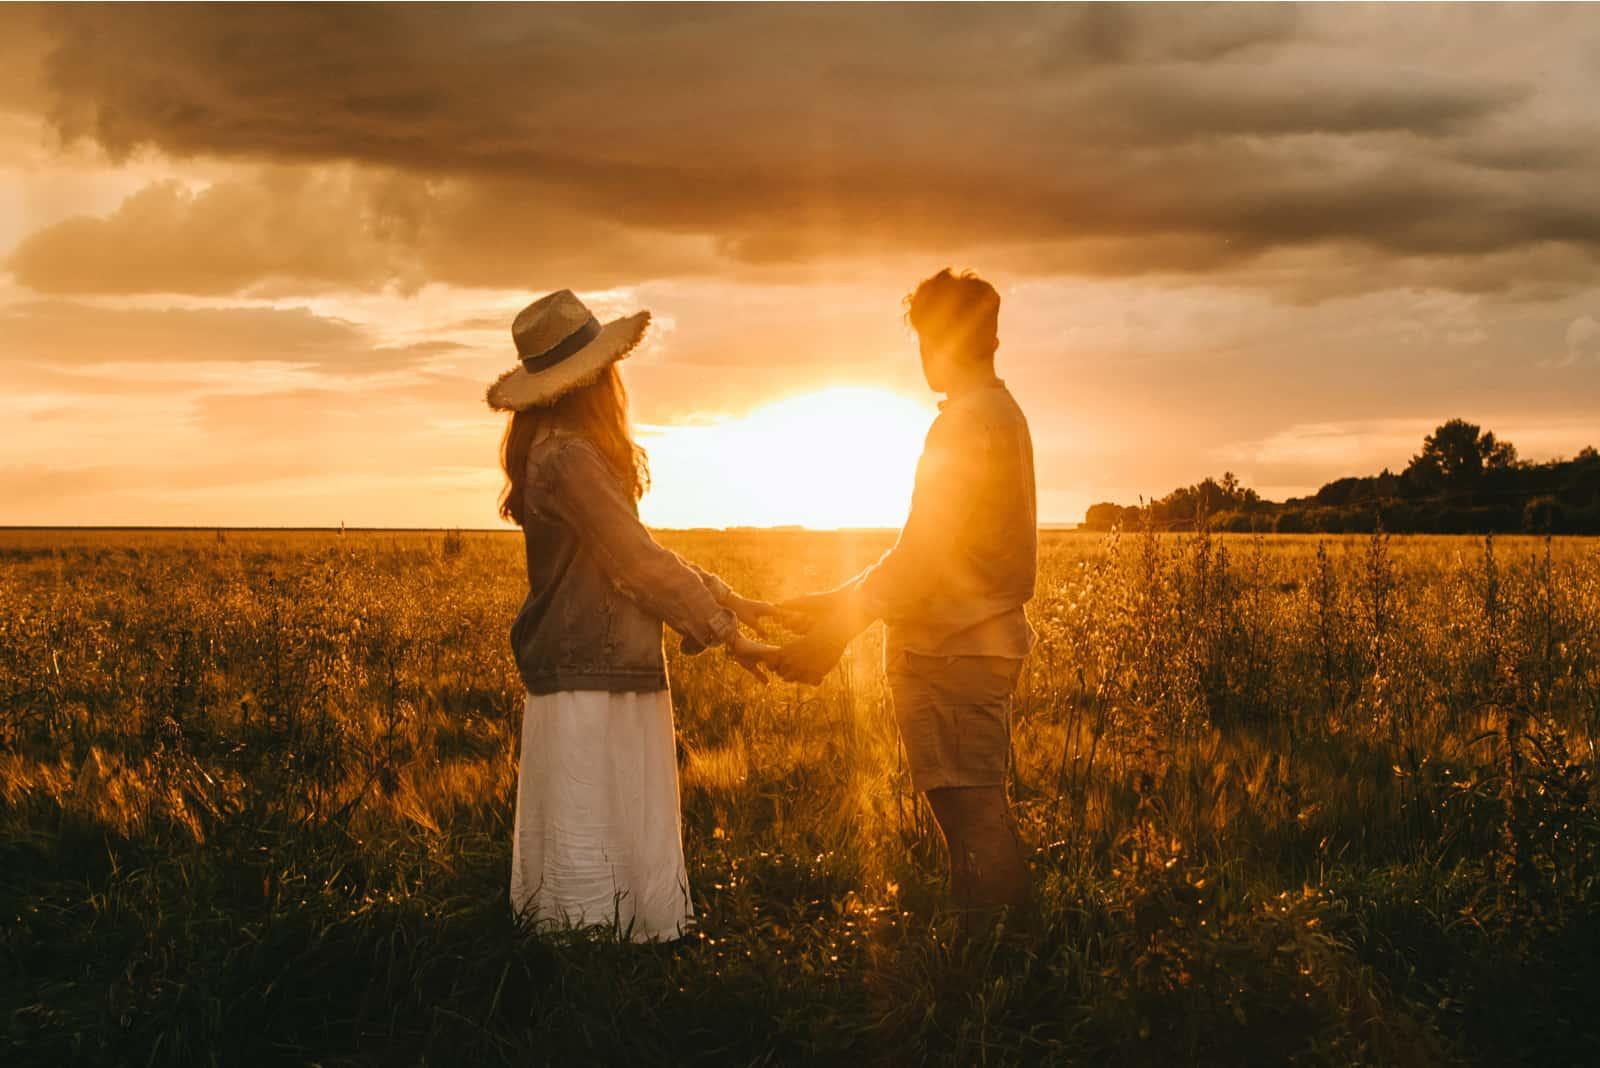 stilvolles Paar, das Hände auf Wiese bei schönem Sonnenuntergang hält